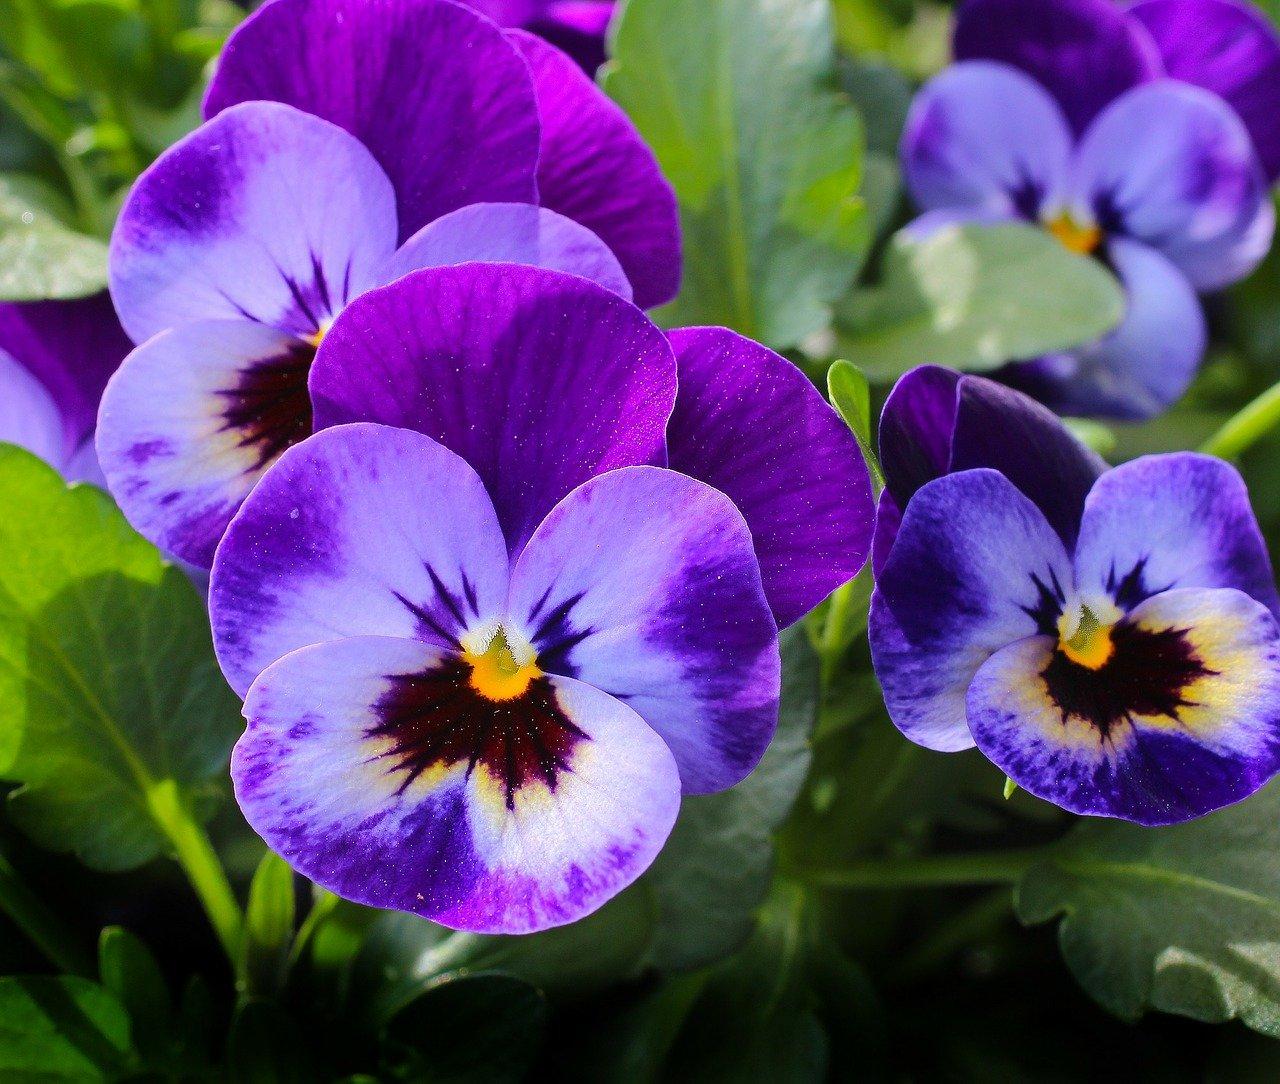 flor medicinal amor perfeito